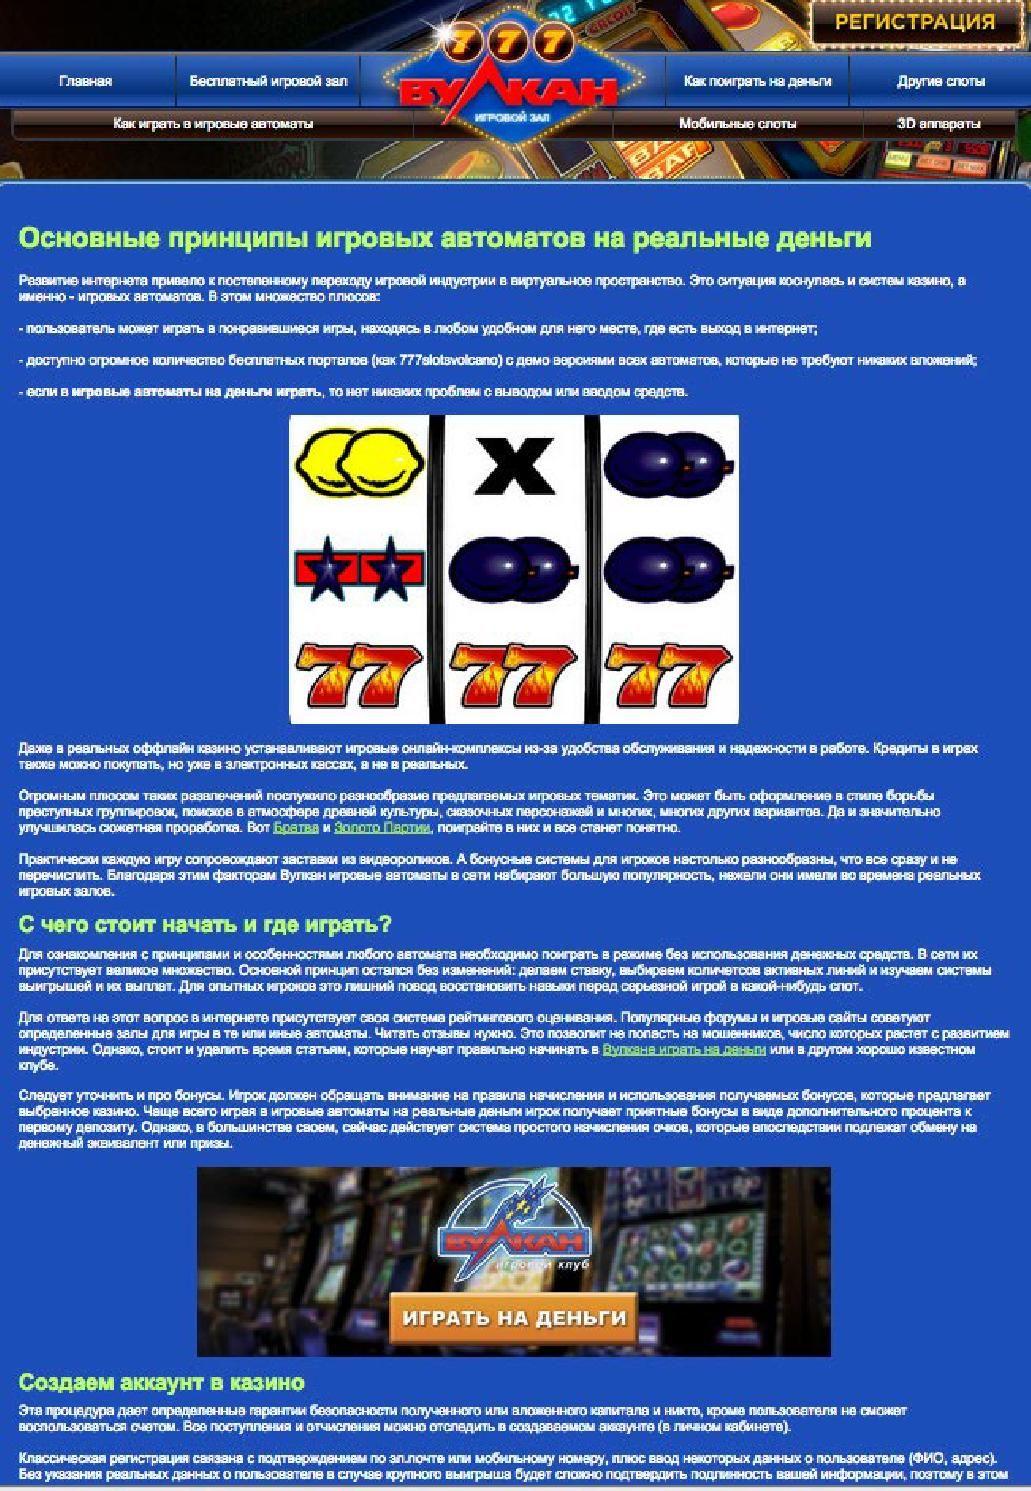 Игровой автомат покер играть онлайн